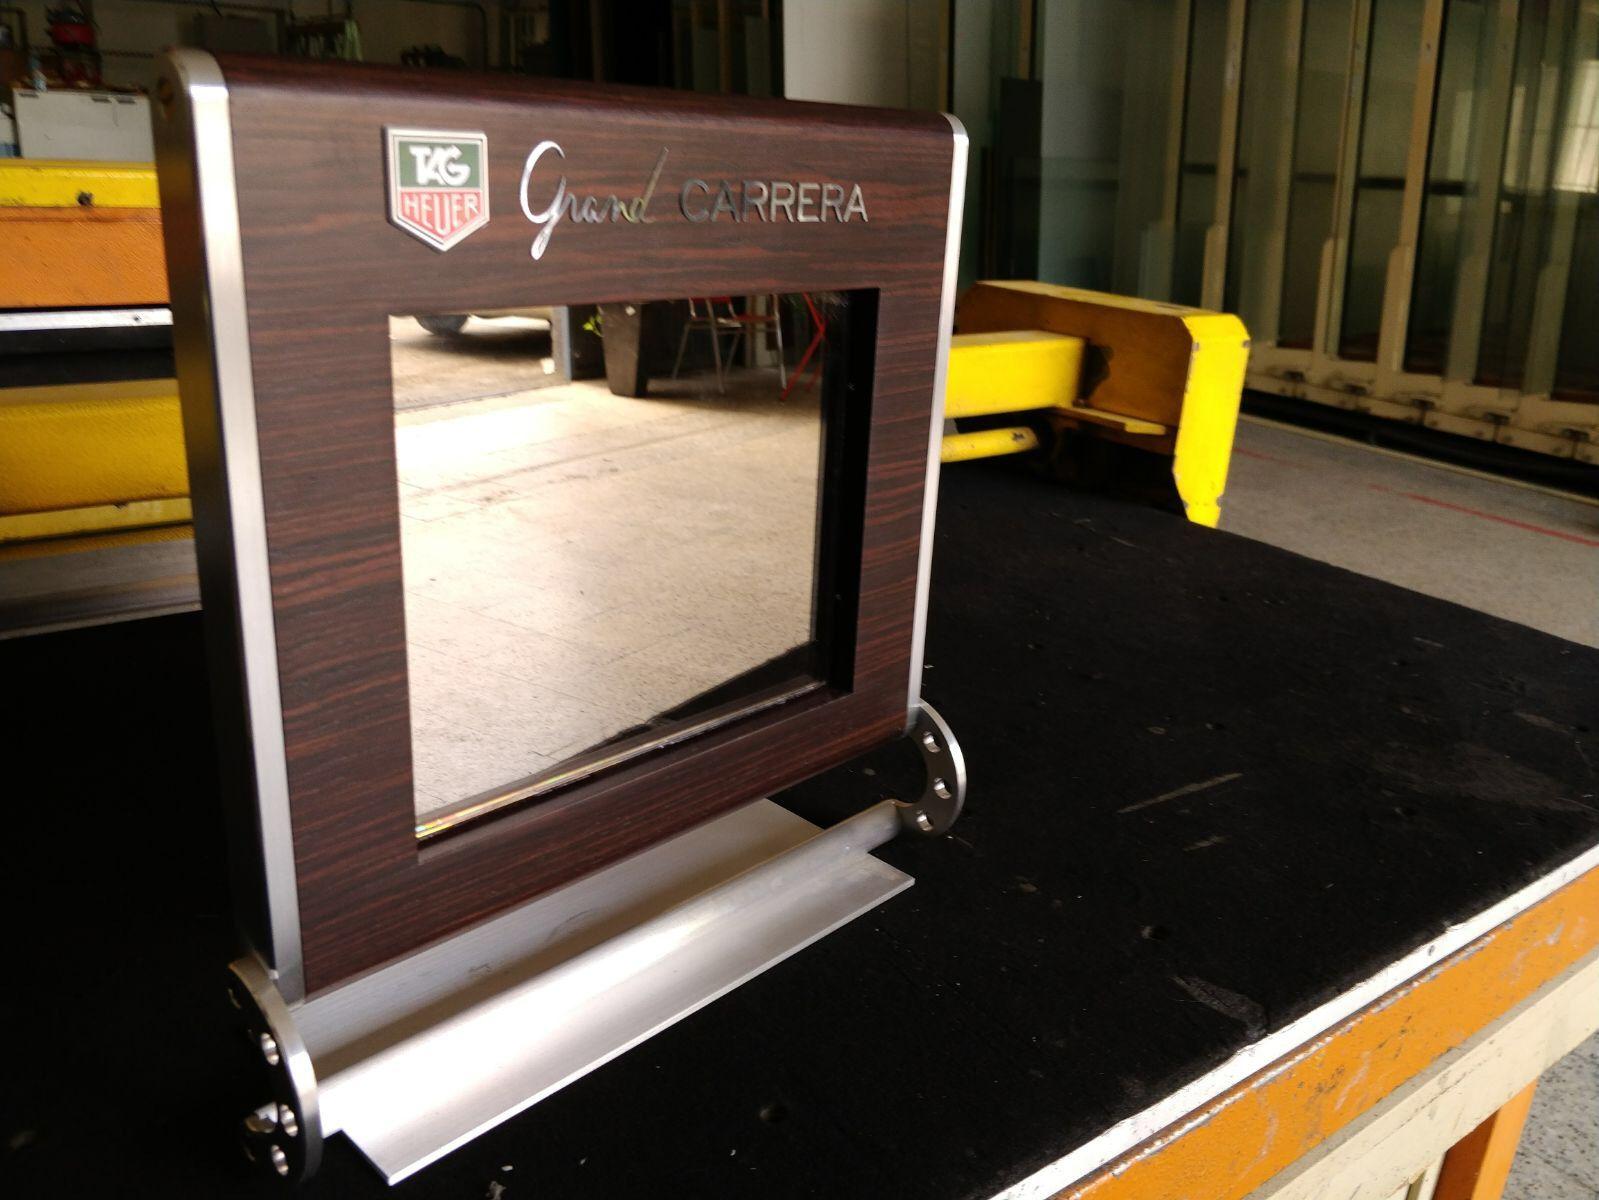 Cristalería industrial y decorativa: Productos y servicios de Cristalería Laraglass85